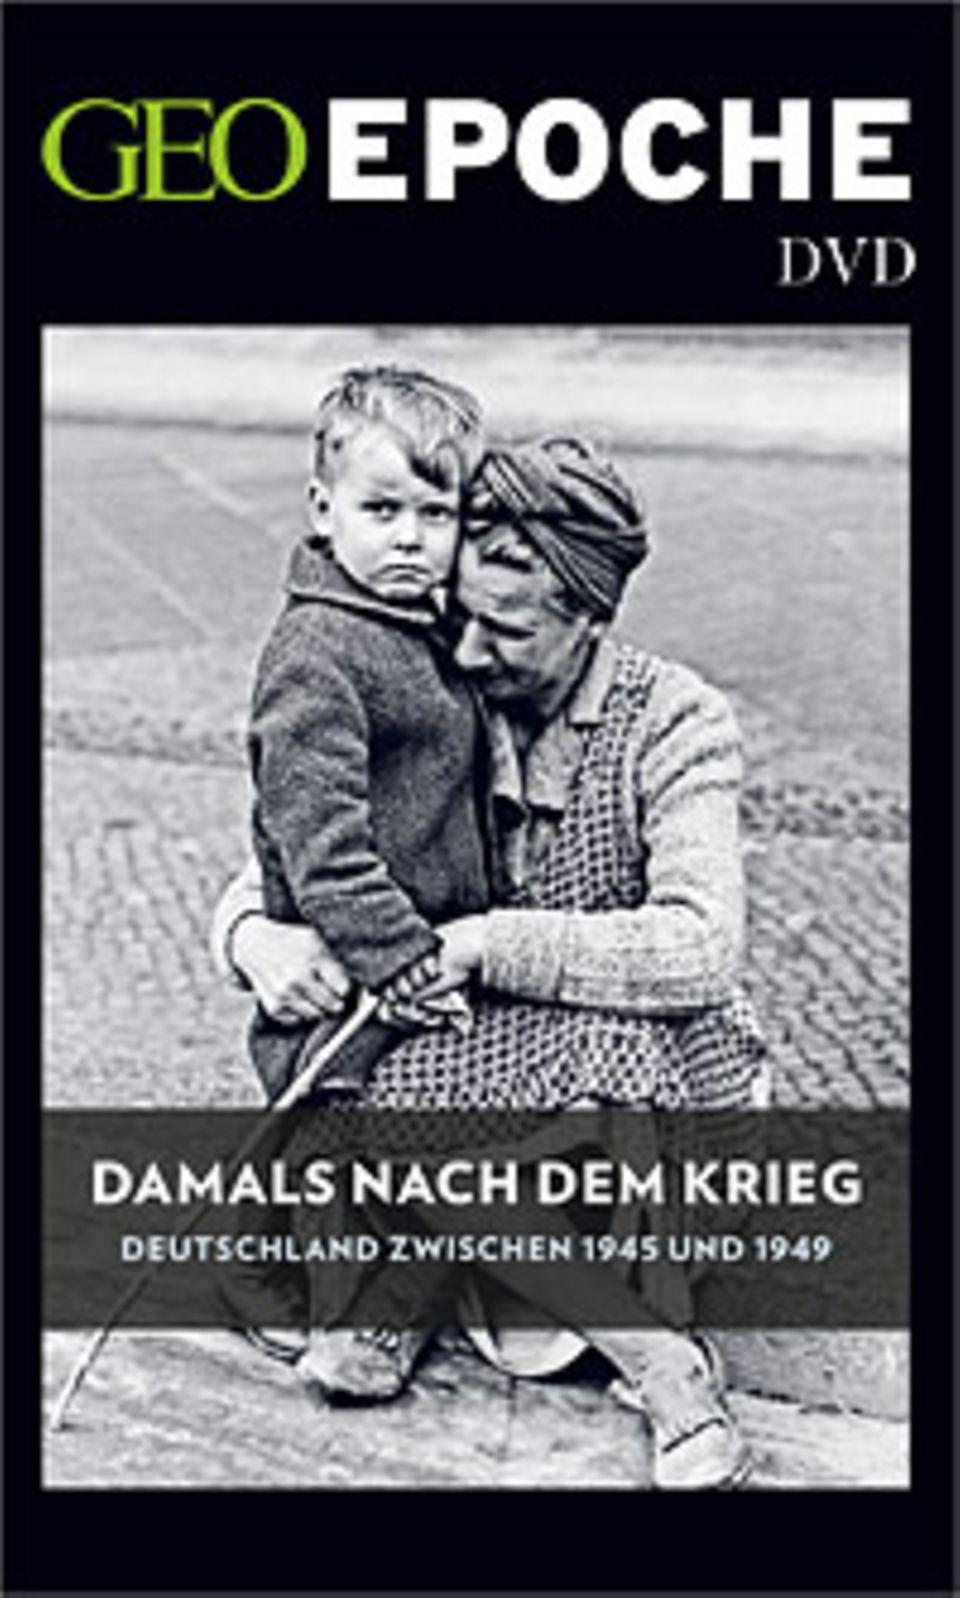 Europa nach dem Krieg: DVD: Damals nach dem Krieg